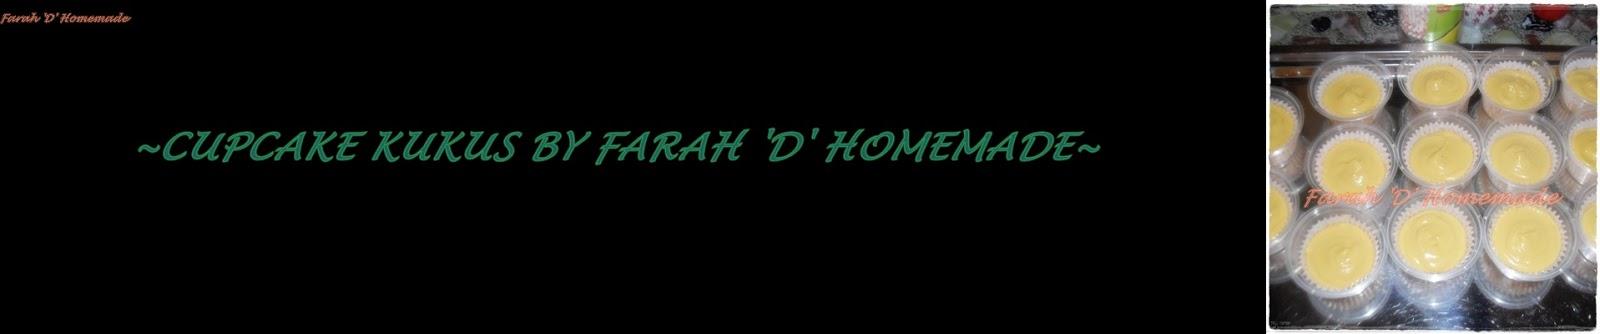 farahwahida961.blogspot.com: ~KEK CAWAN KUKUS BY FARAH 'D' HOMEMADE~